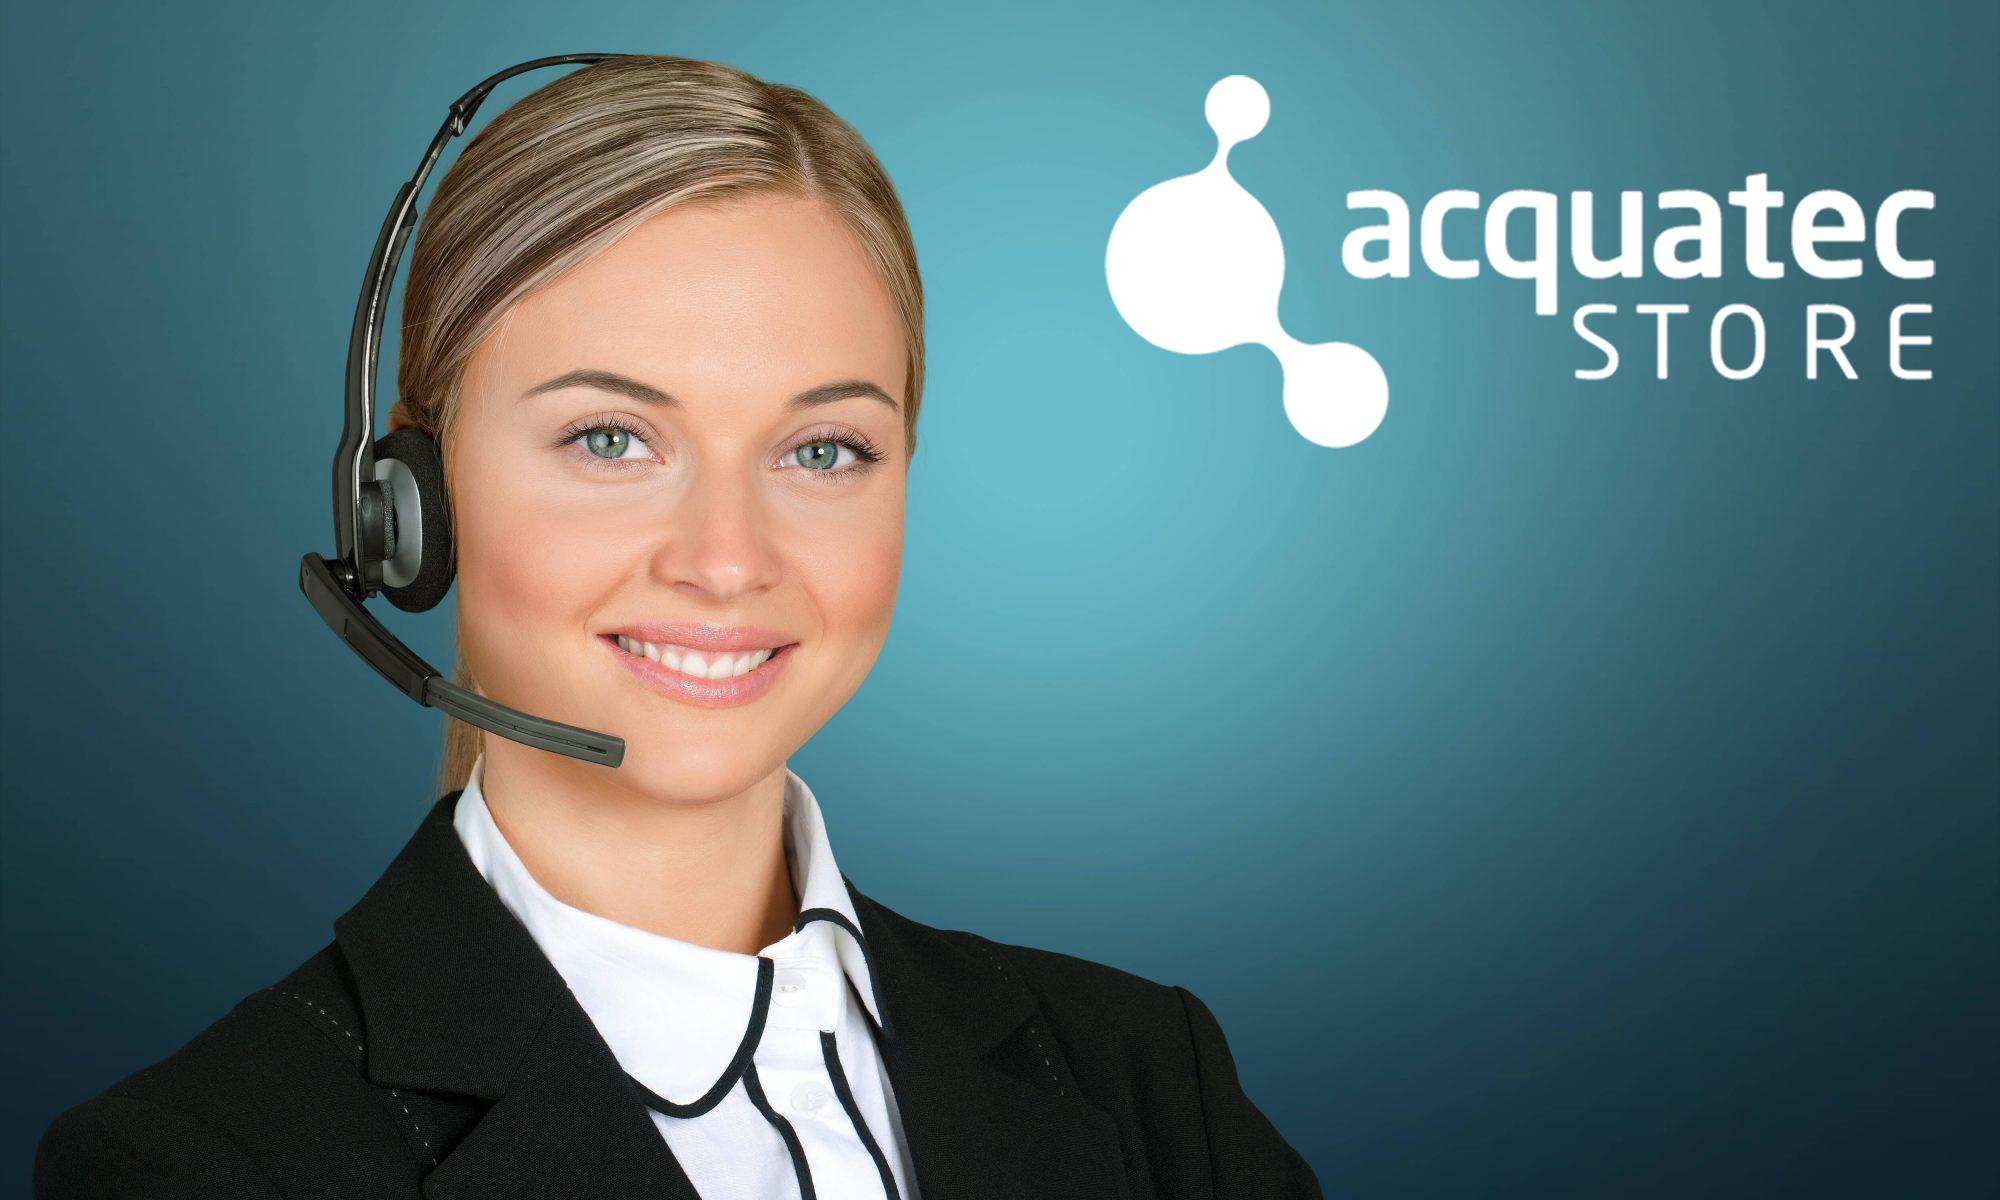 servizio-assistenza-acquatec-store